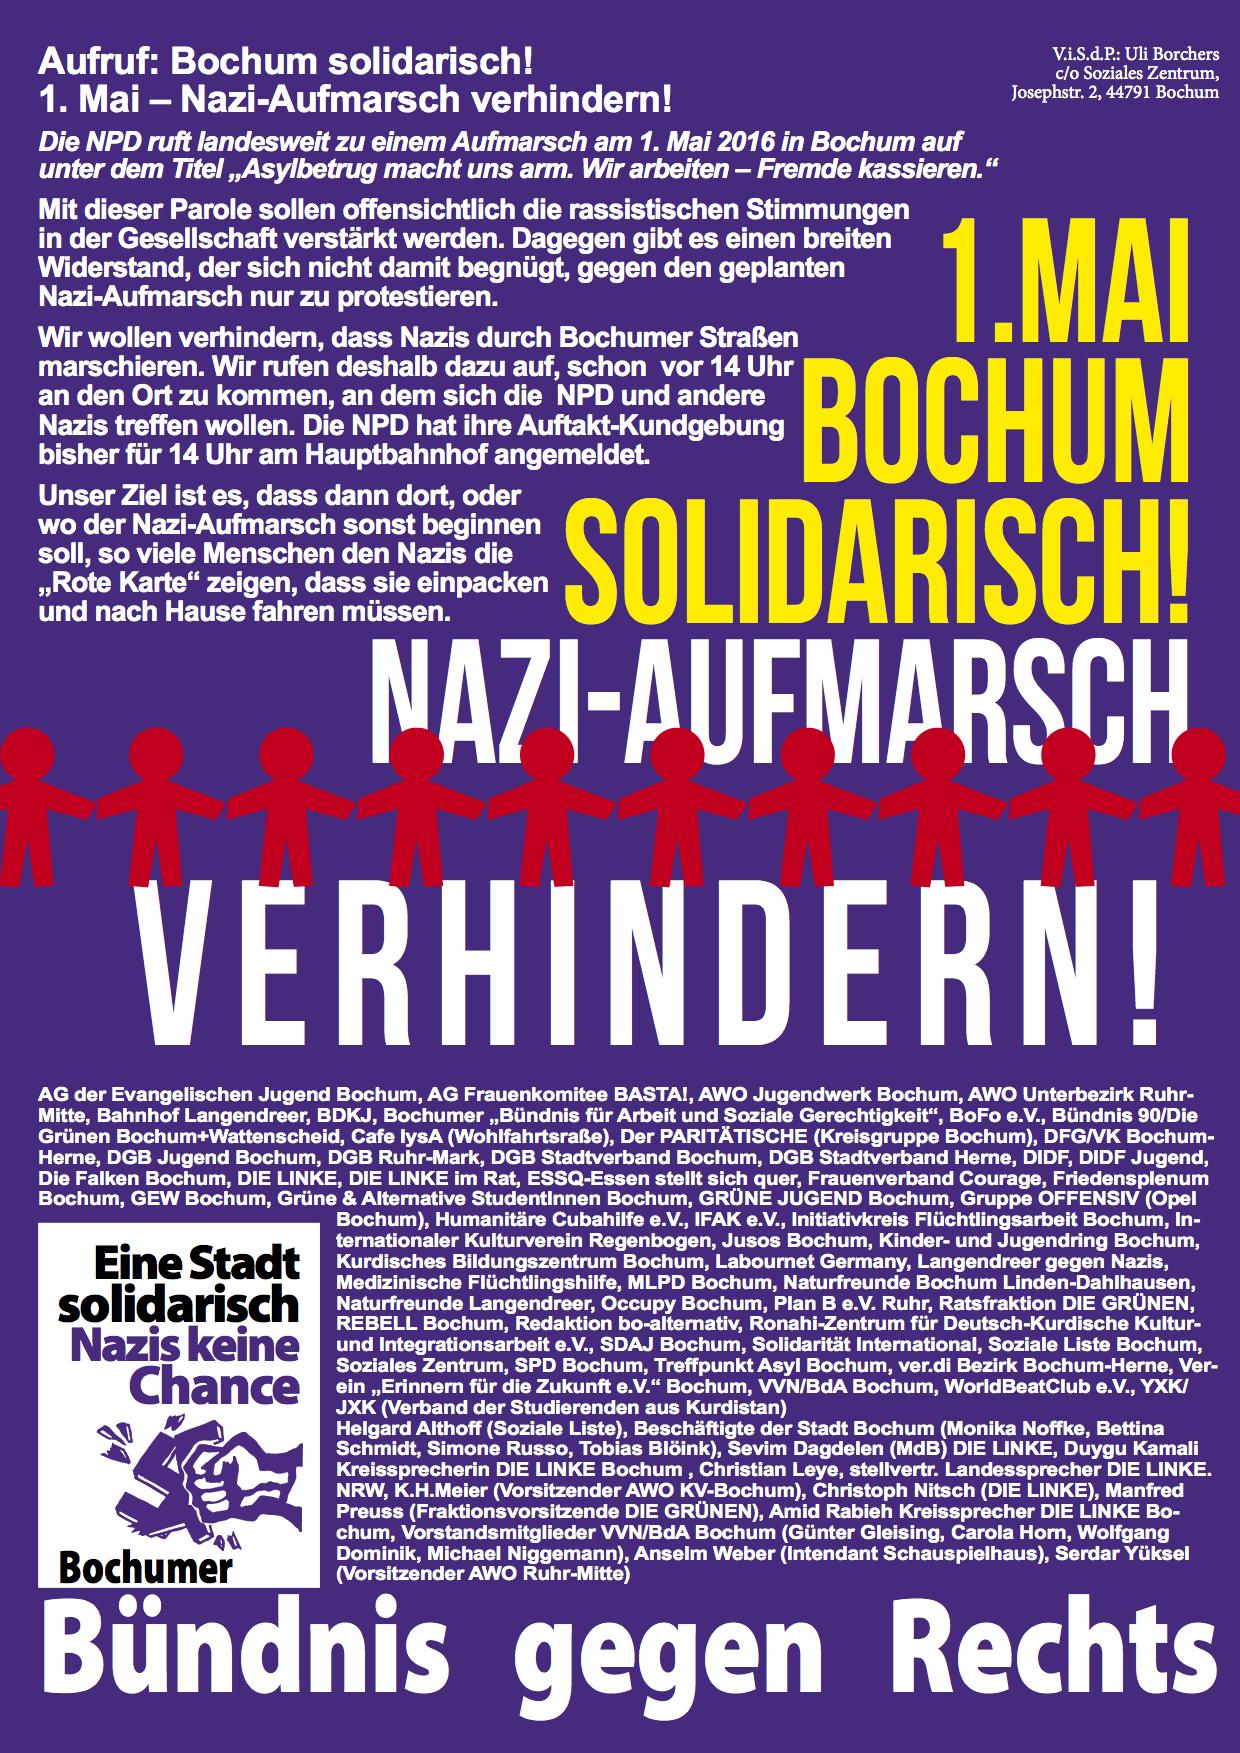 Aufruf: Bochum solidarisch! 1. Mai 2016 - Nazi-Aufmarsch verhindern!